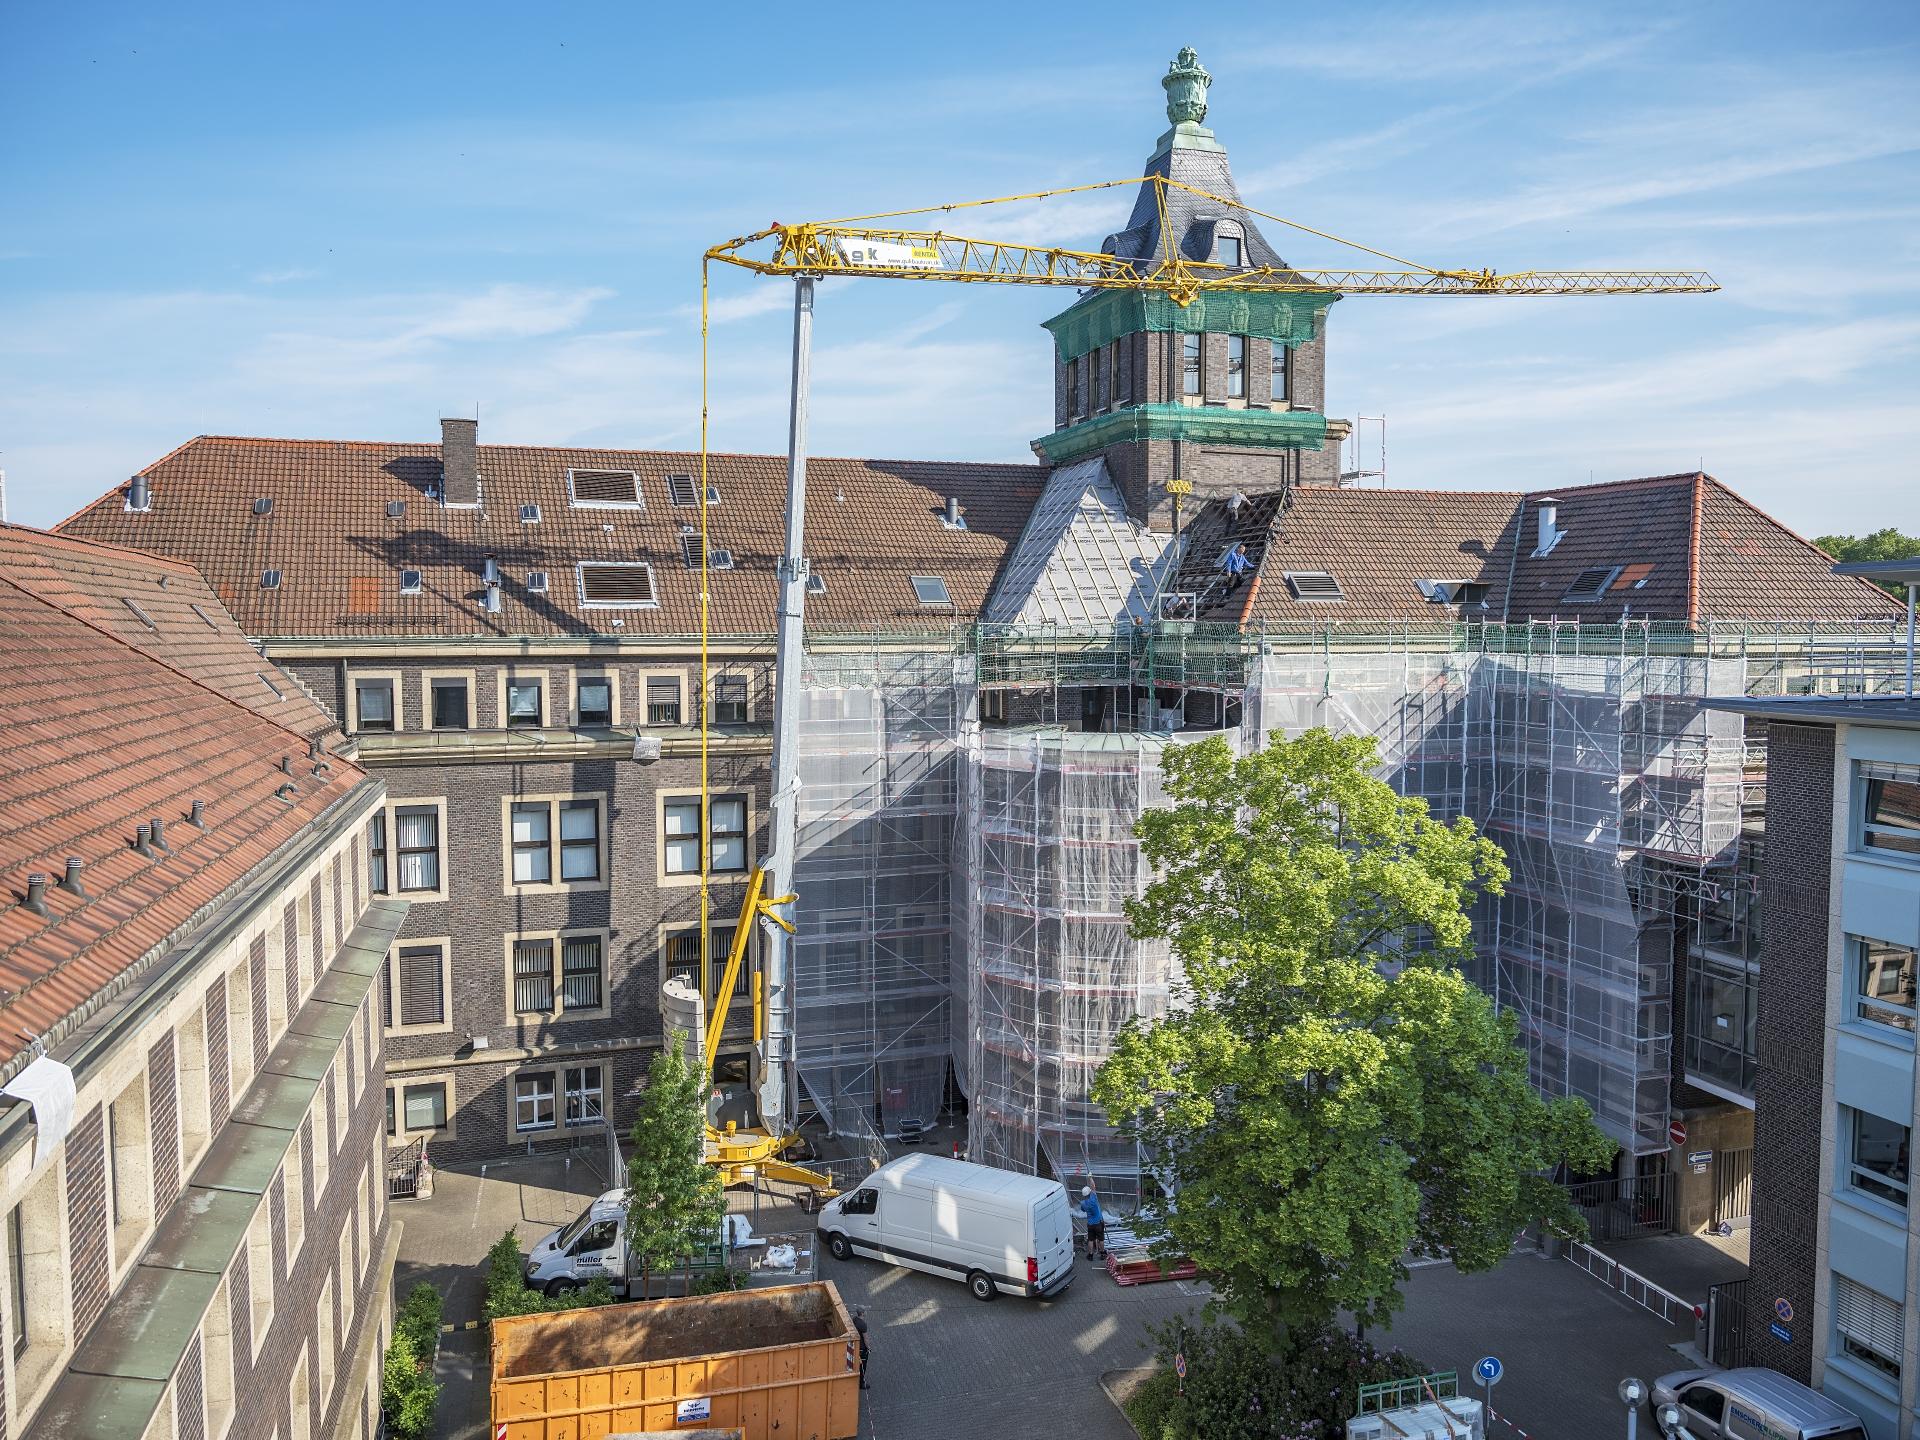 Innenhof des Emscher-Hauses während der Sanierung 2018. Foto: Klaus Baumers/EGLV